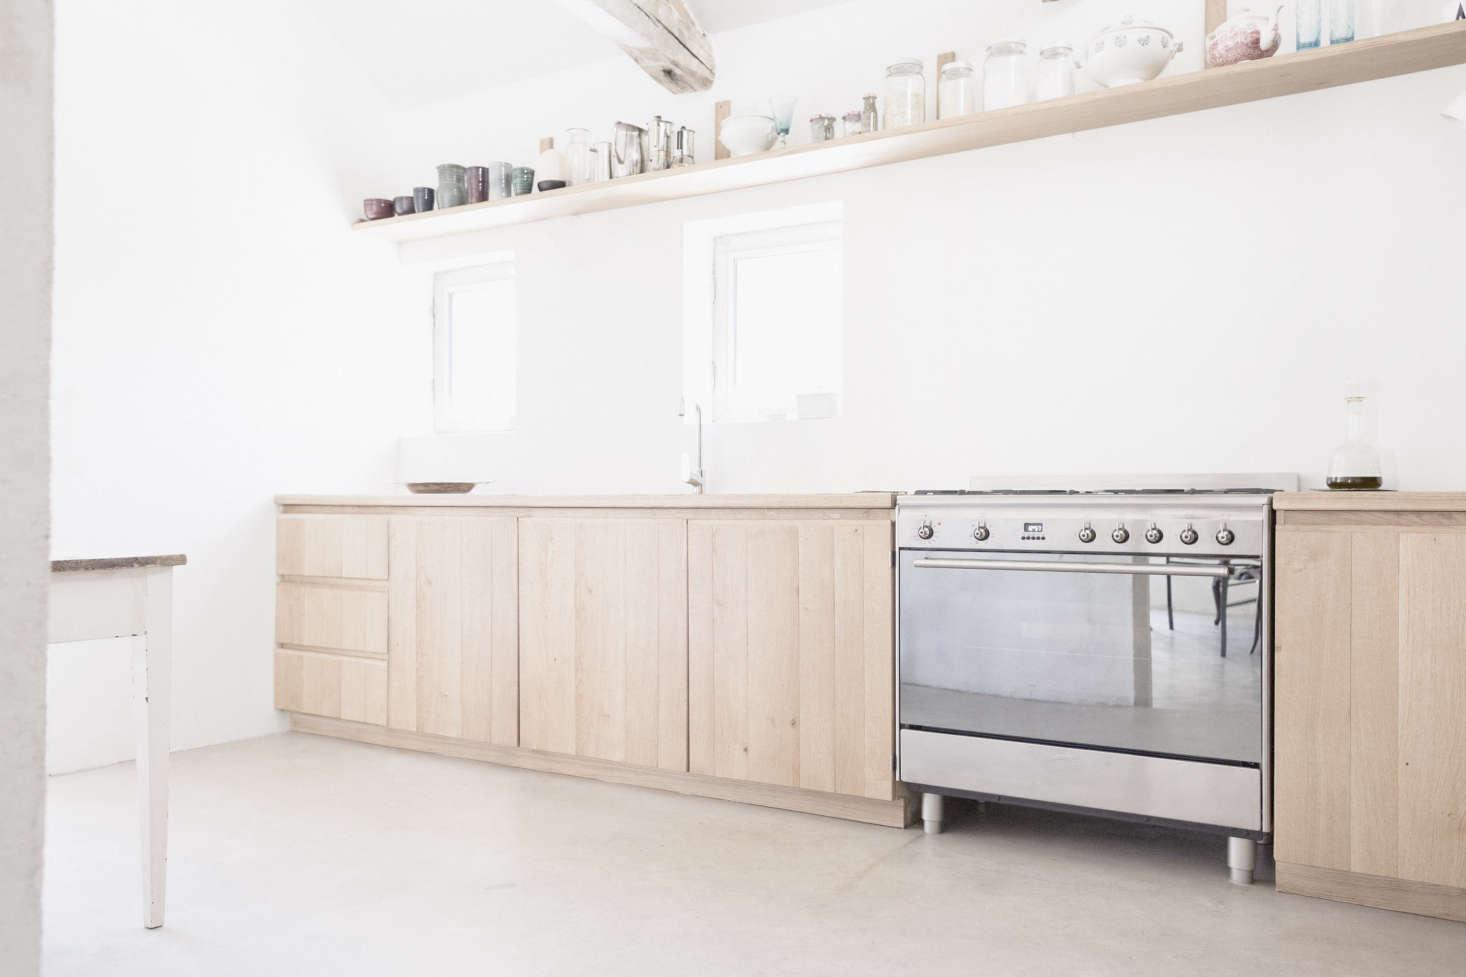 Septembre Architecture Sereine Kitchen, Photo by Linus Ricard